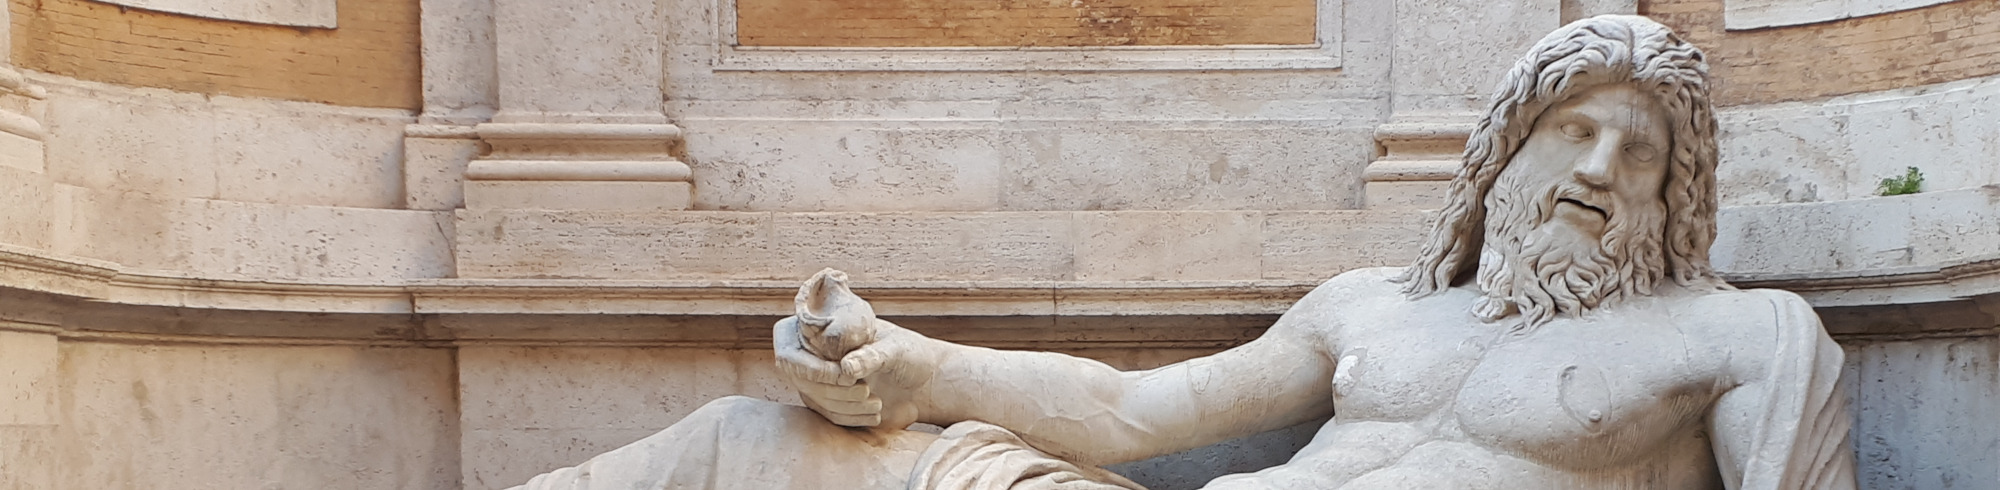 Musées de Rome